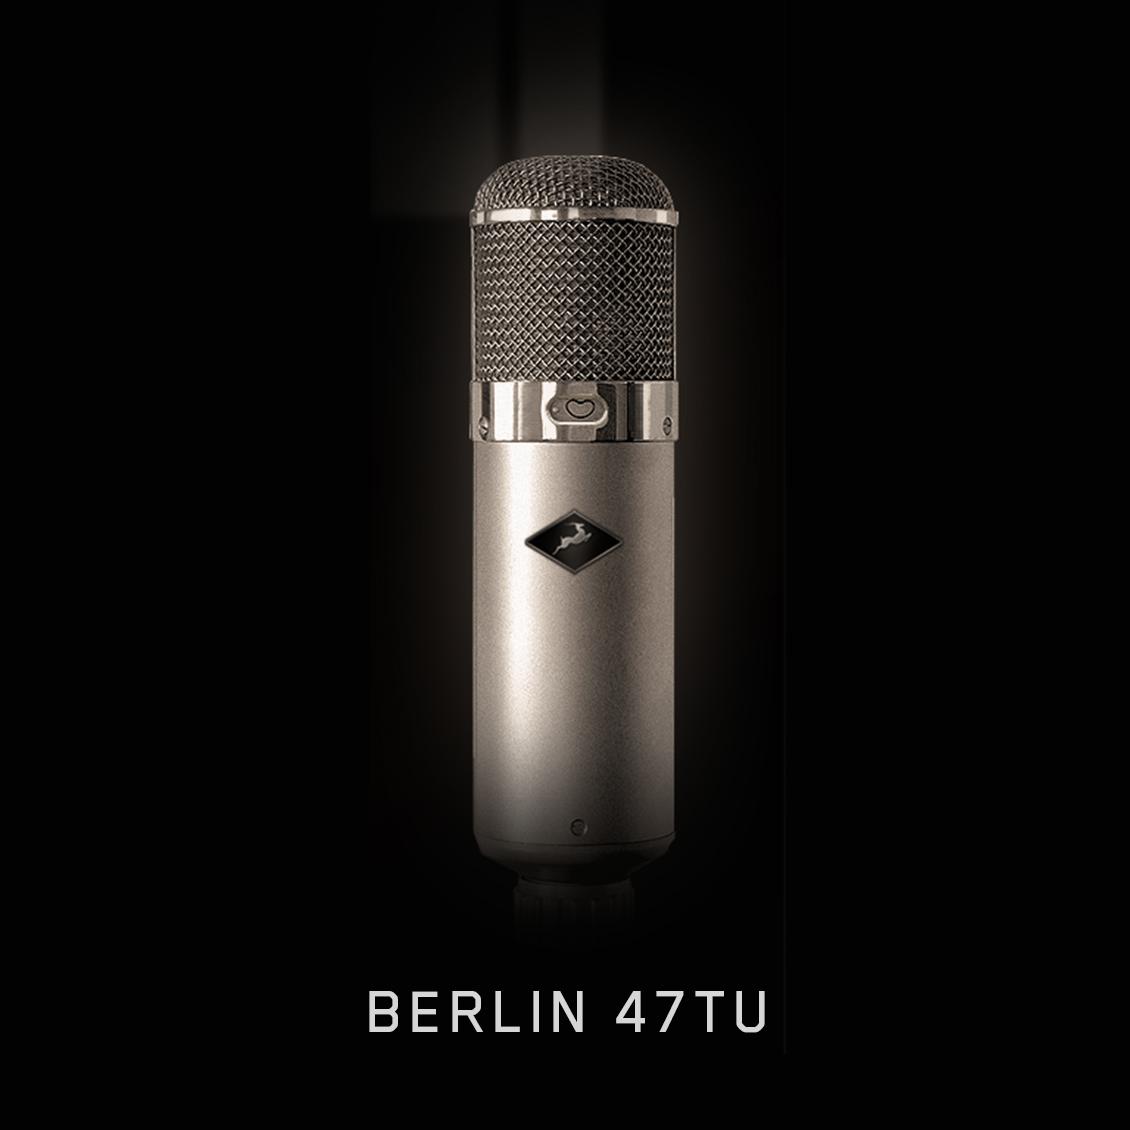 Berlin 47 TU